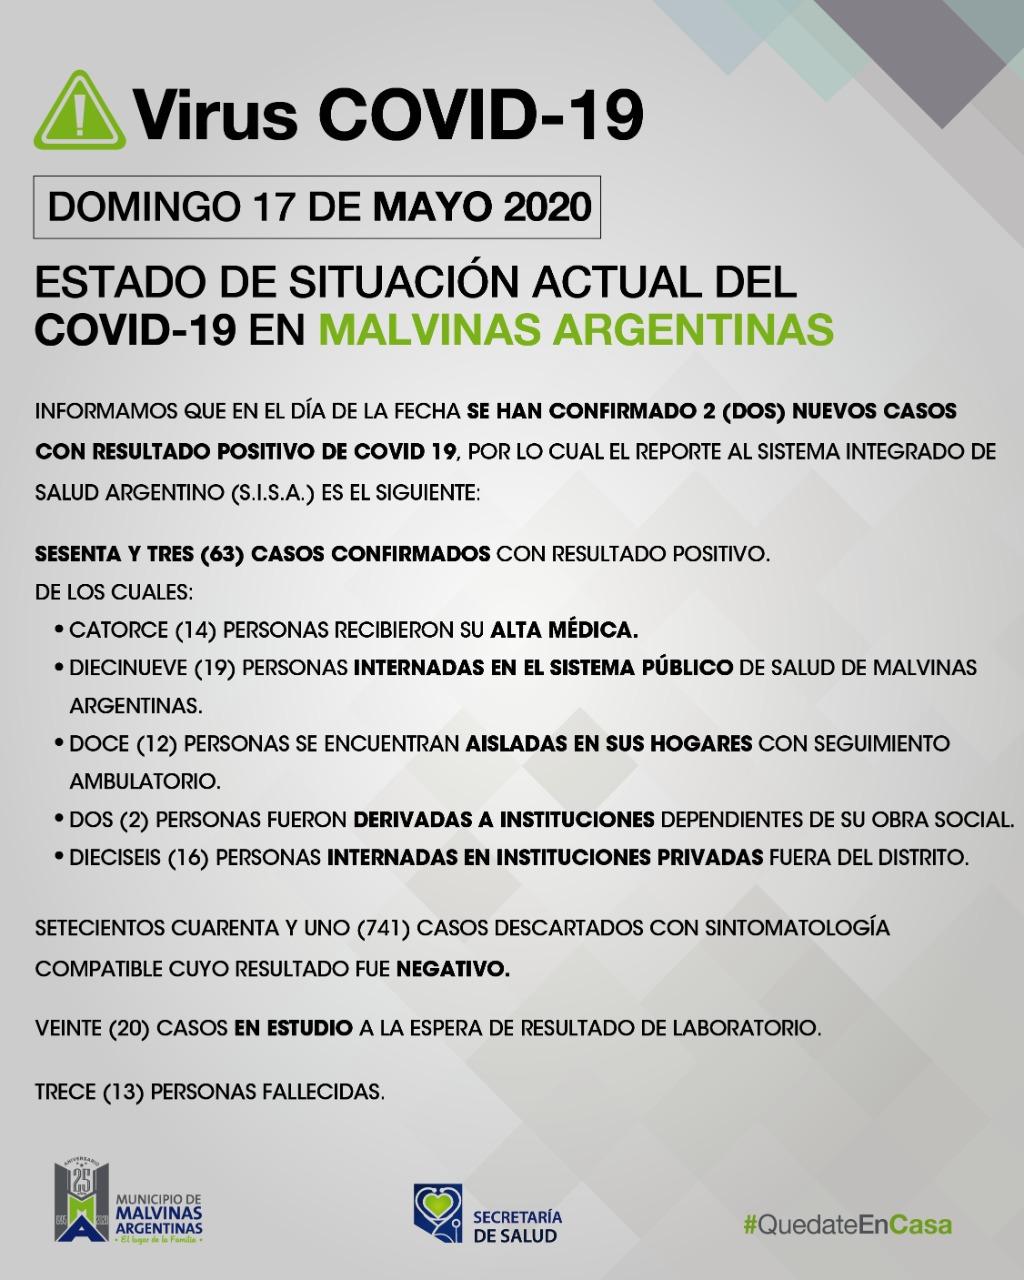 Malvinas Argentinas. Confirman dos nuevos casos de COVID-19 el domingo. Whatsa31